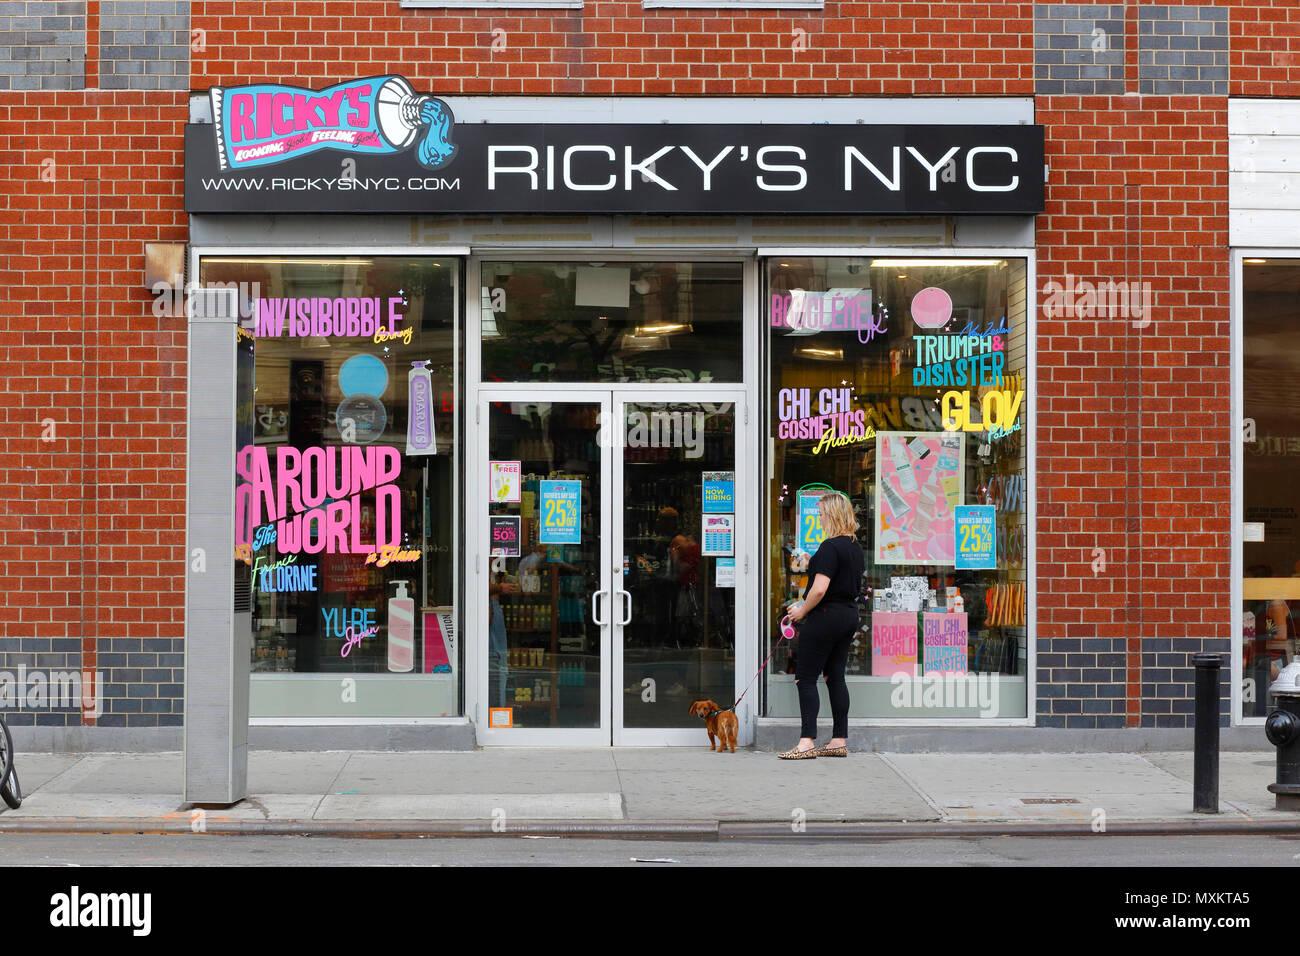 Ricky S Nyc 142 8th Ave New York Ny Stockfoto Bild 188520925